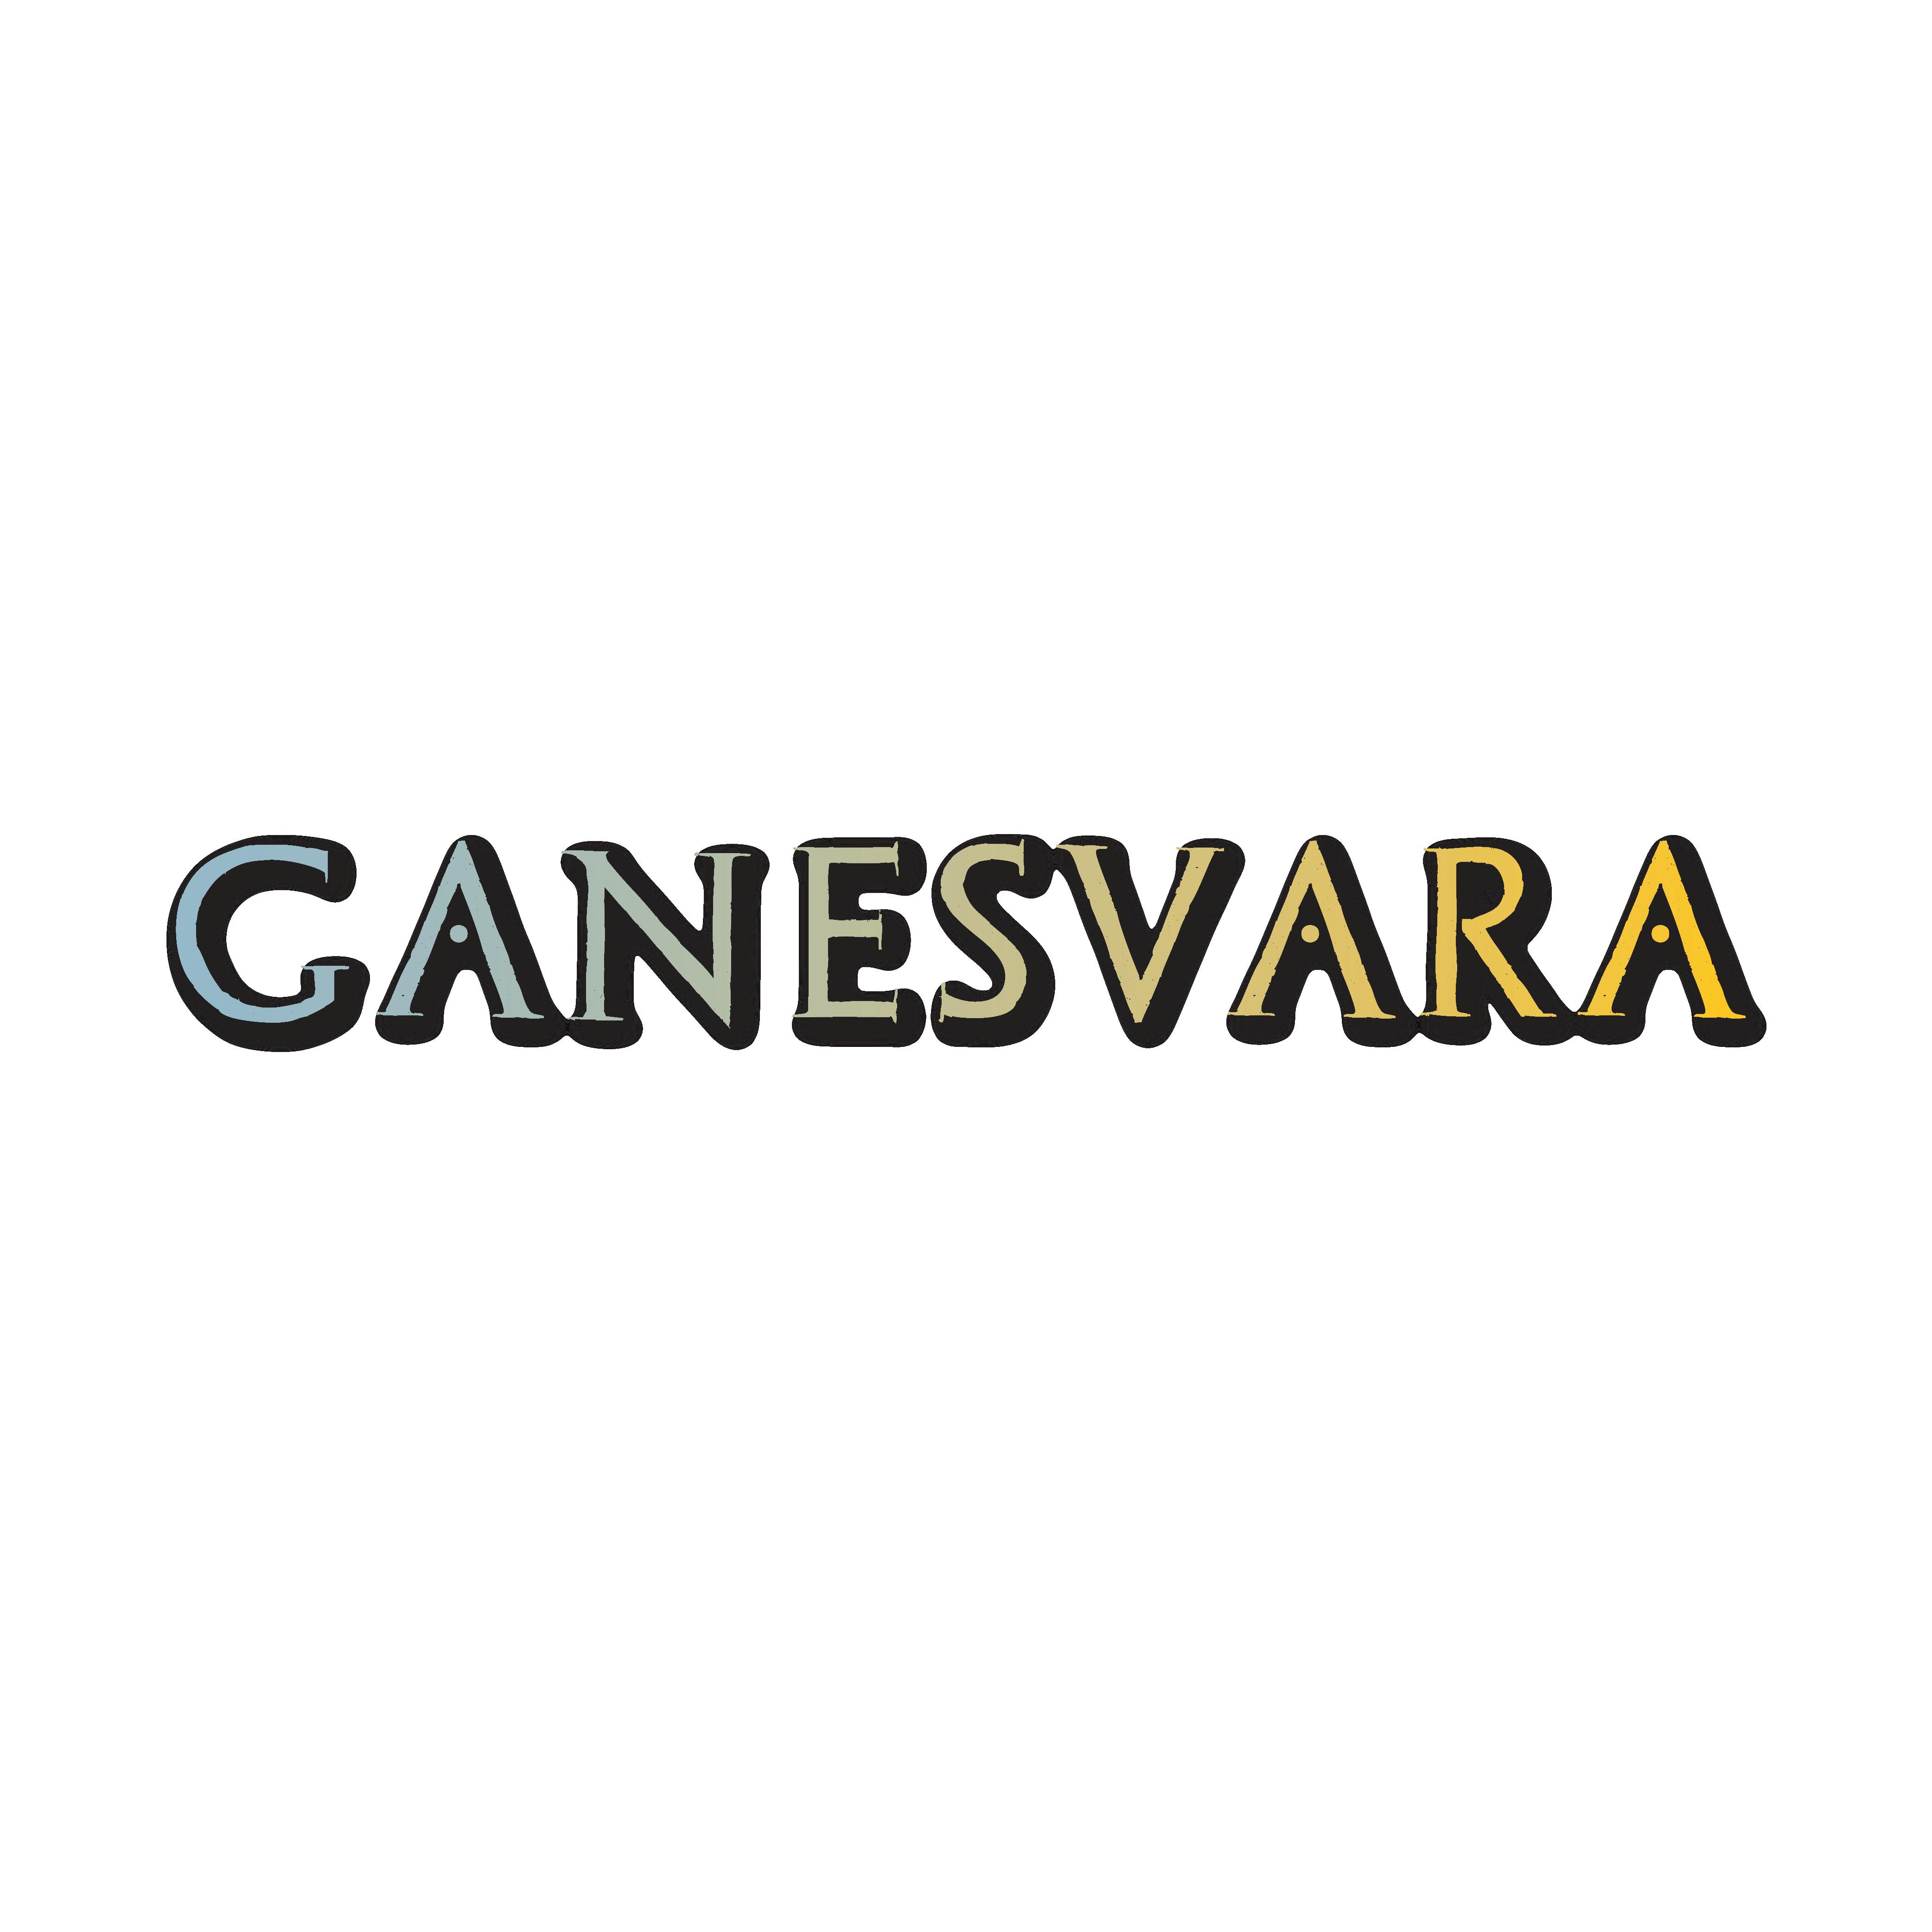 Nama Ganesvara